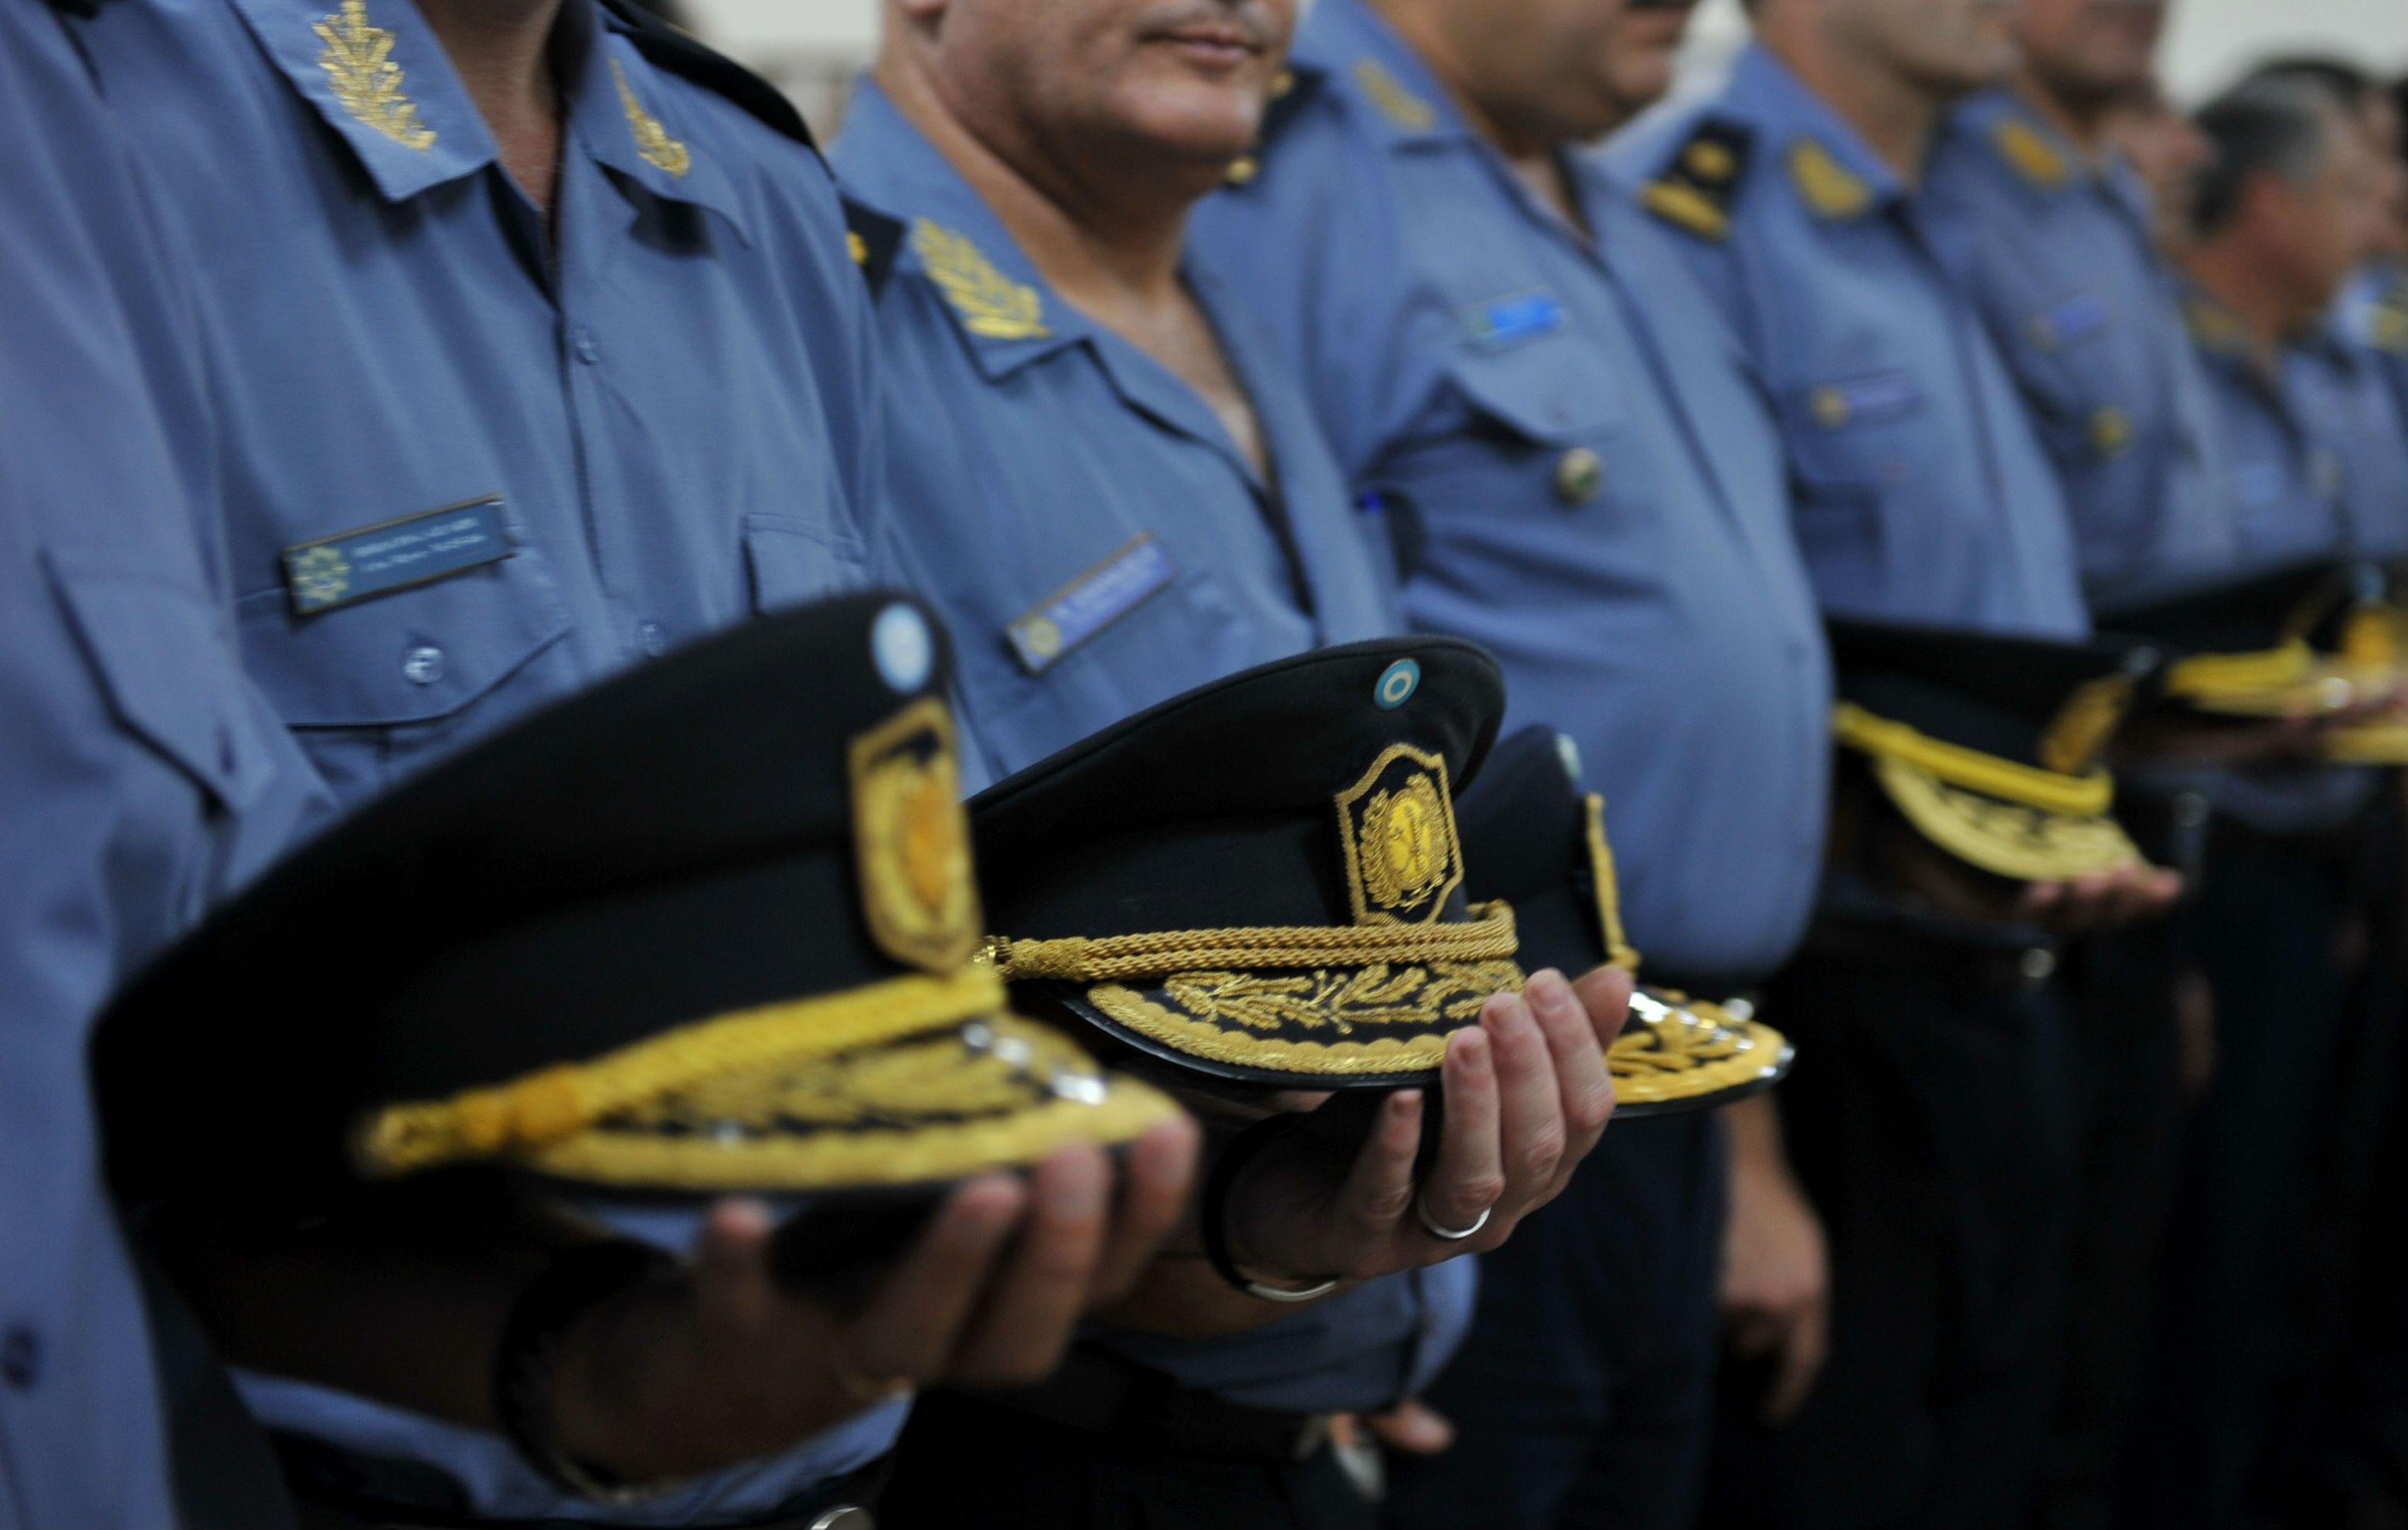 Pullaro dijo además que es necesario recomponer la verticalidad en la fuerza policial.